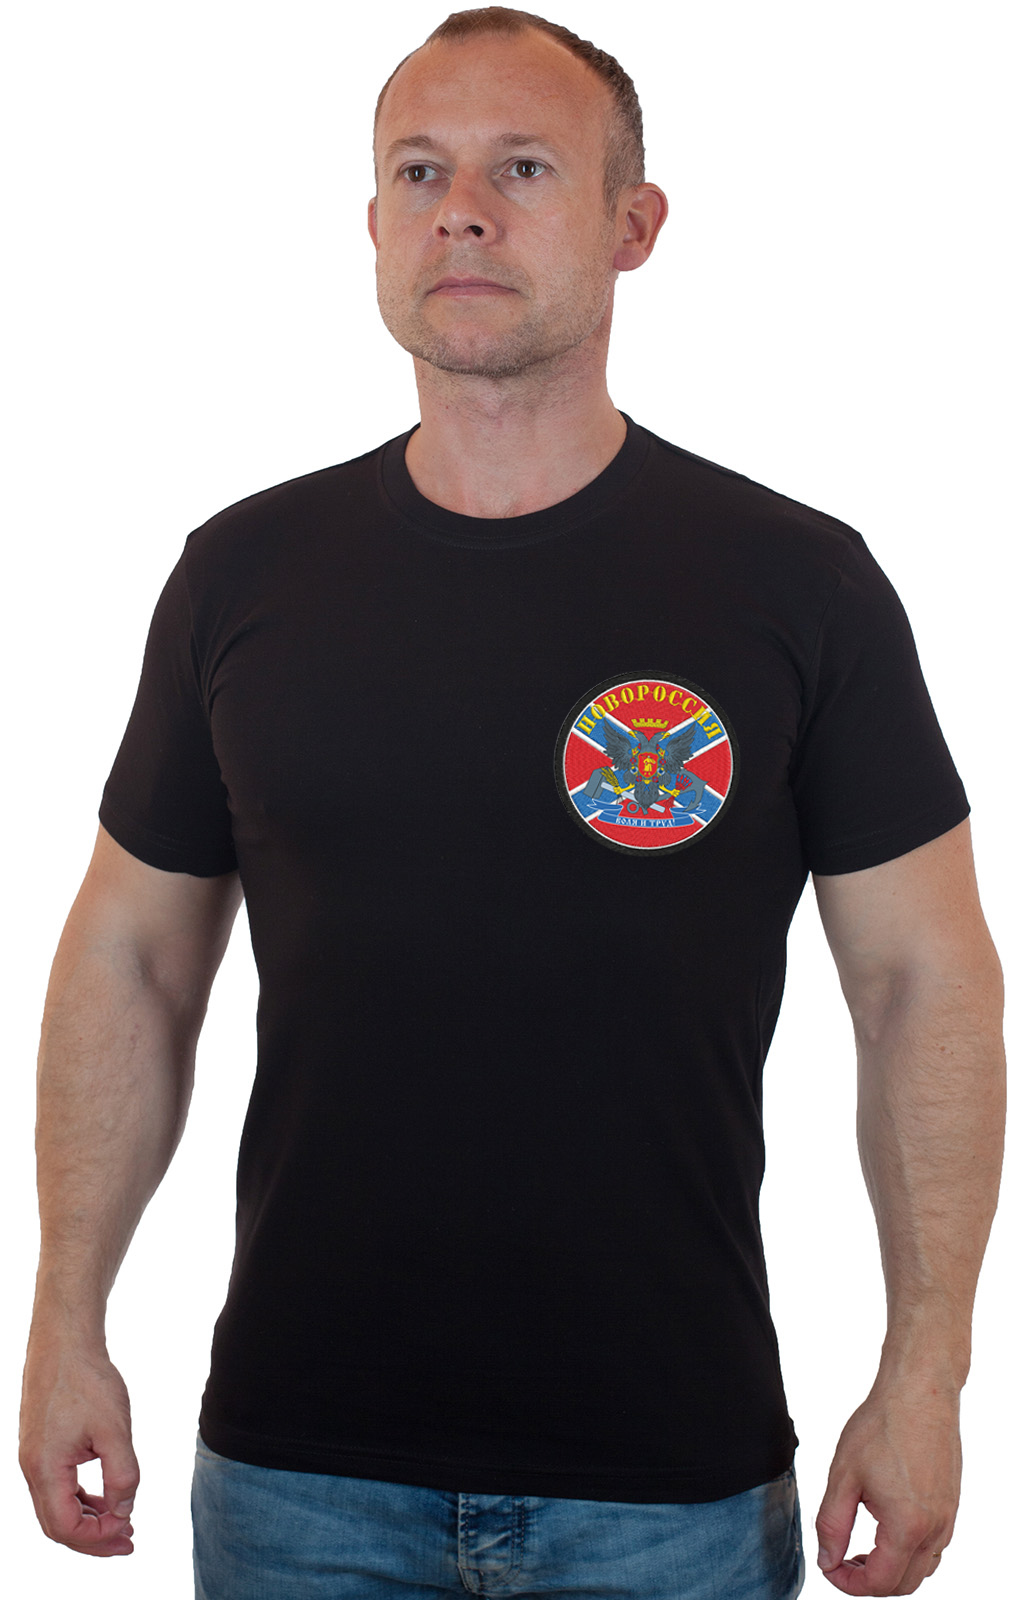 Атрибутика Новороссии: от футболок до толстовок